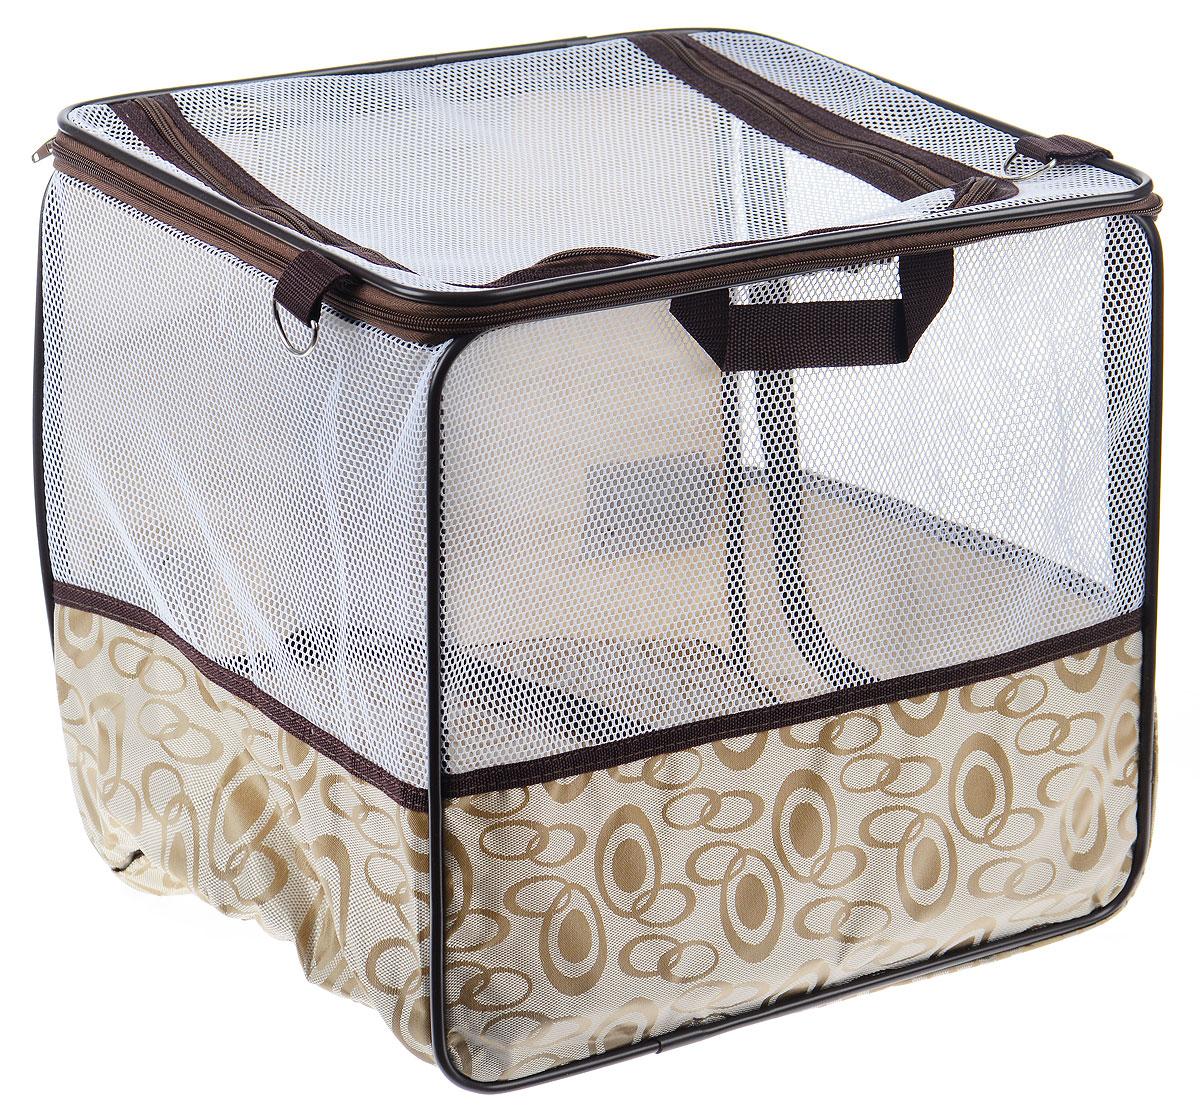 Манеж для транспортировки животных Pet Fun, 40 х 35 х 37 смFS-80423Манеж Pet Fun предназначен для транспортировки животных. Также он поможет перевозить животных в автомобиле, при этом не запачкав сидений. Изделие обладает металлическим каркасом, чехол выполнен из прочного полиэстера. Наплечный ремень помогает переносить сумку на плече. Подстилка и ремень снимаются, способствуя удобной стирке. Манеж закрывается сбоку и сверху на застежку-молнию. Сетчатые вставки позволяют вашему питомцу дышать.